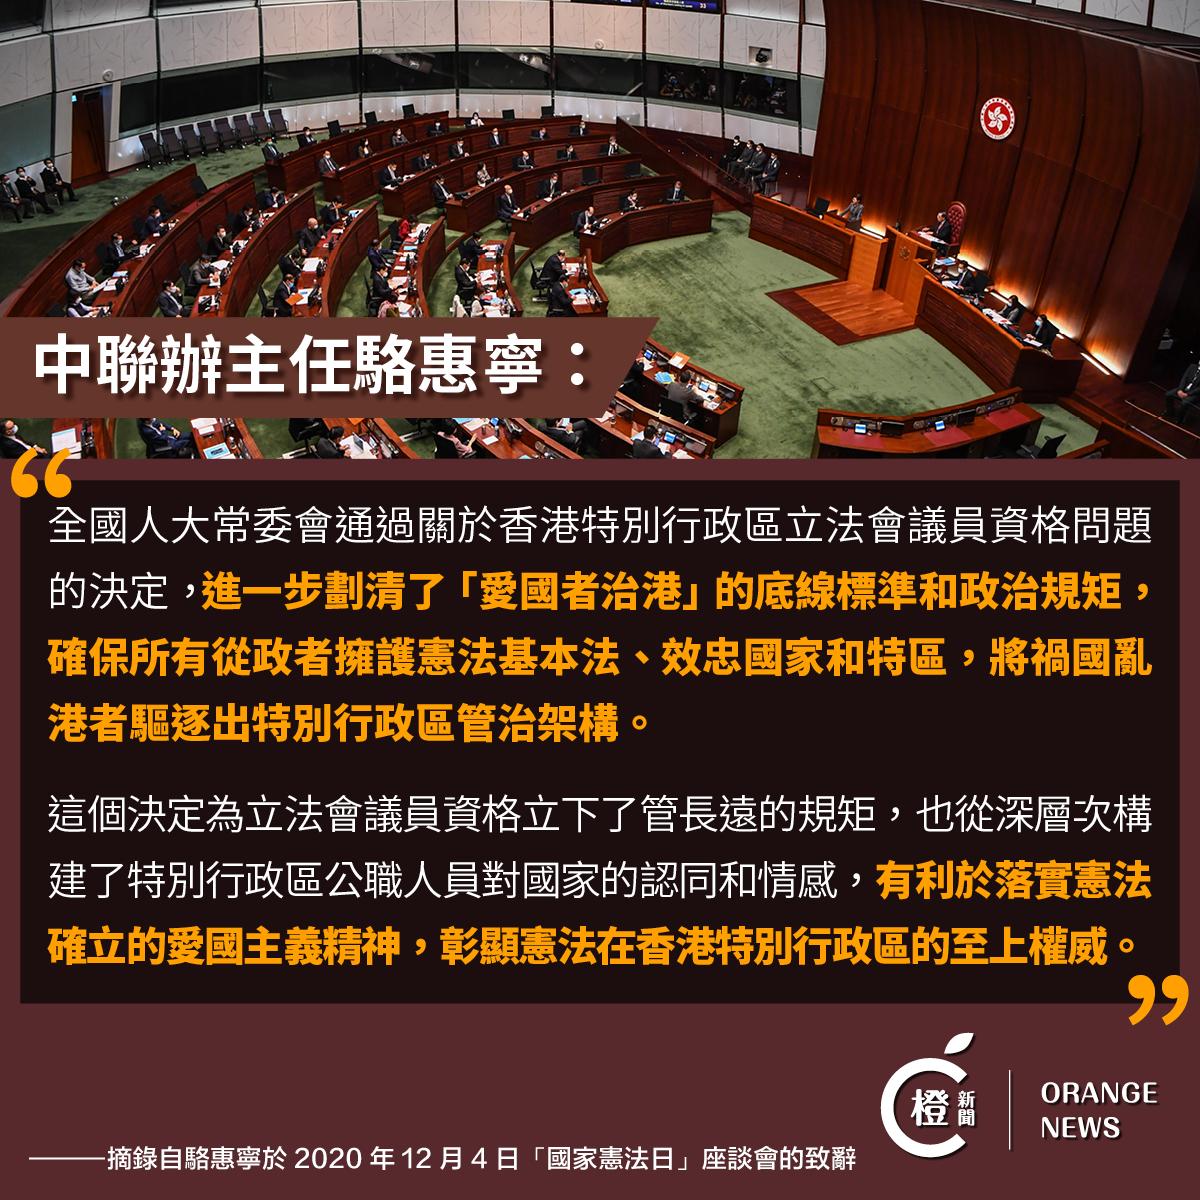 """图片来源:香港""""橙新闻"""""""